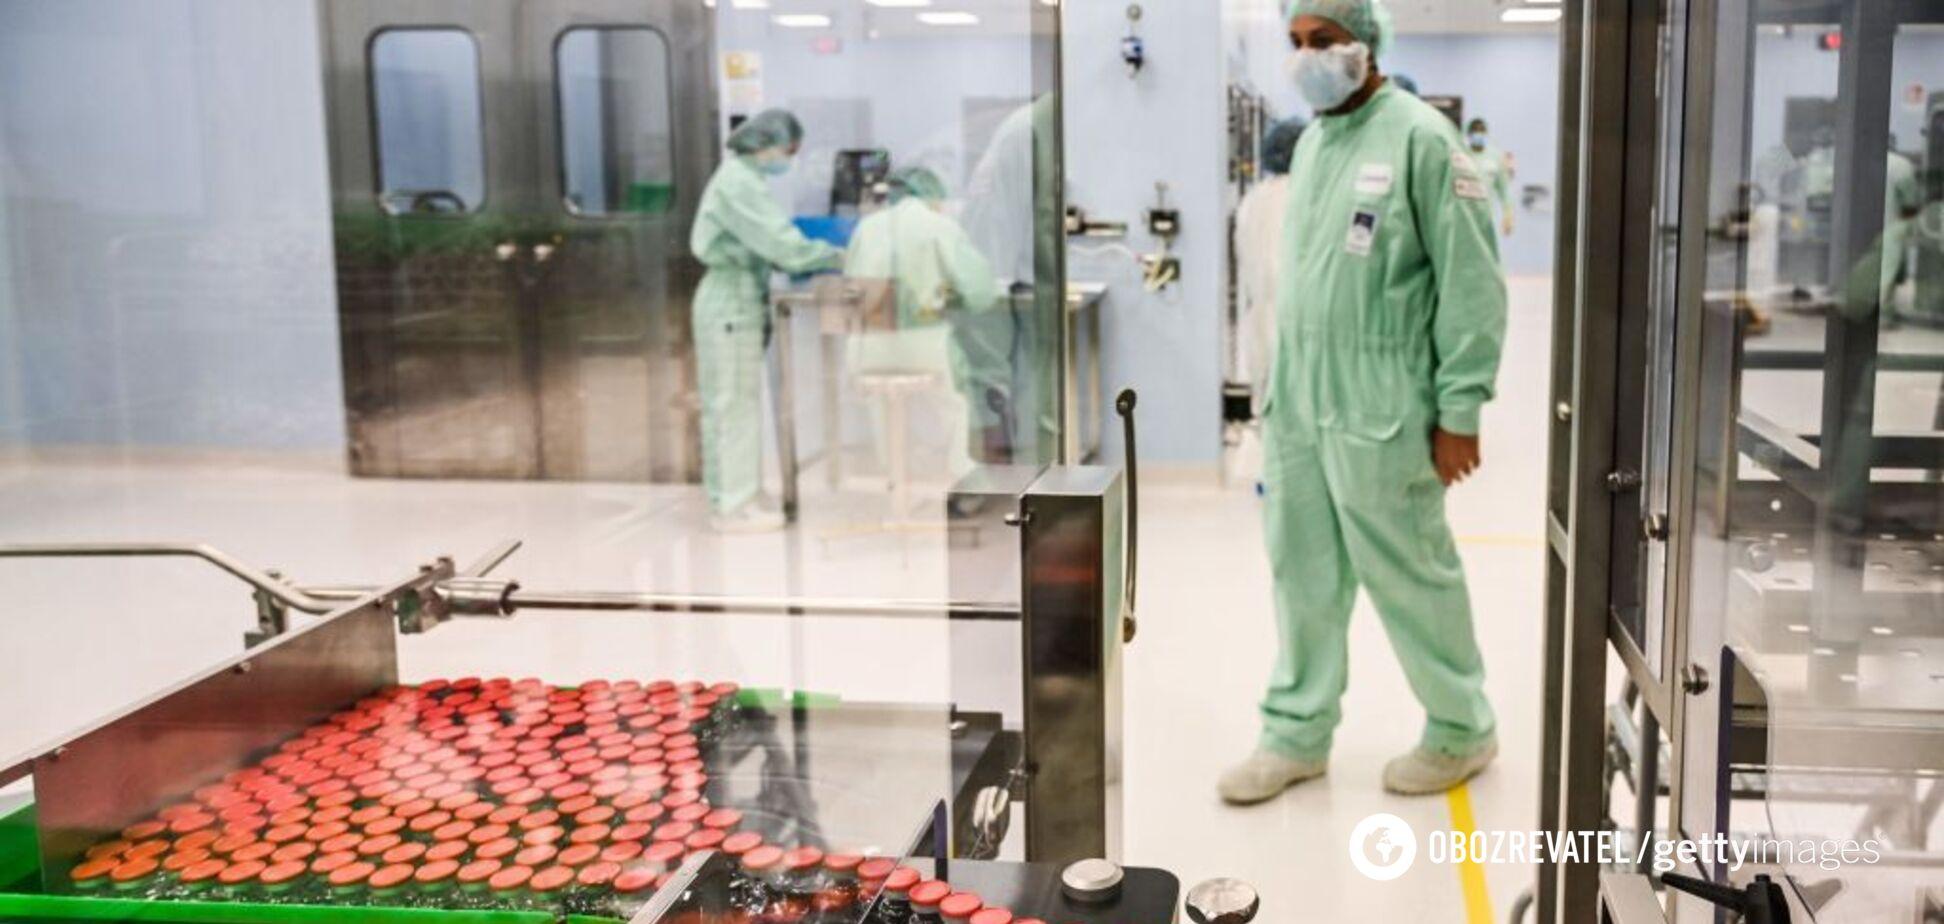 Німеччина безкоштовно віддасть Україні 1,5 млн доз вакцини: названо препарат